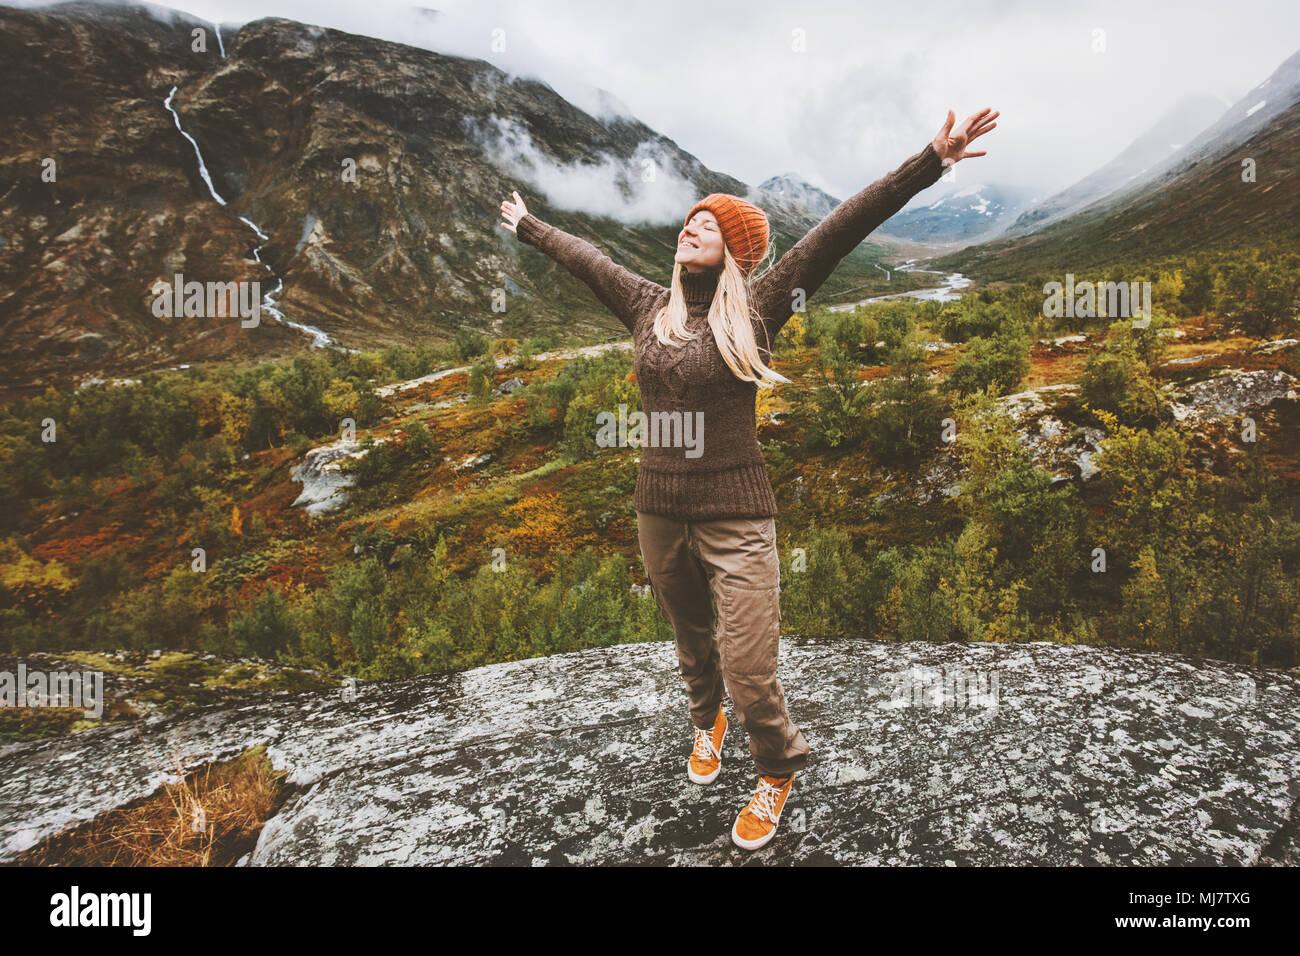 Glückliche Frau traveler erhobenen Hände wandern in Wald Berge reisen Abenteuer gesunder Lebensstil Konzept Ferien Stockbild